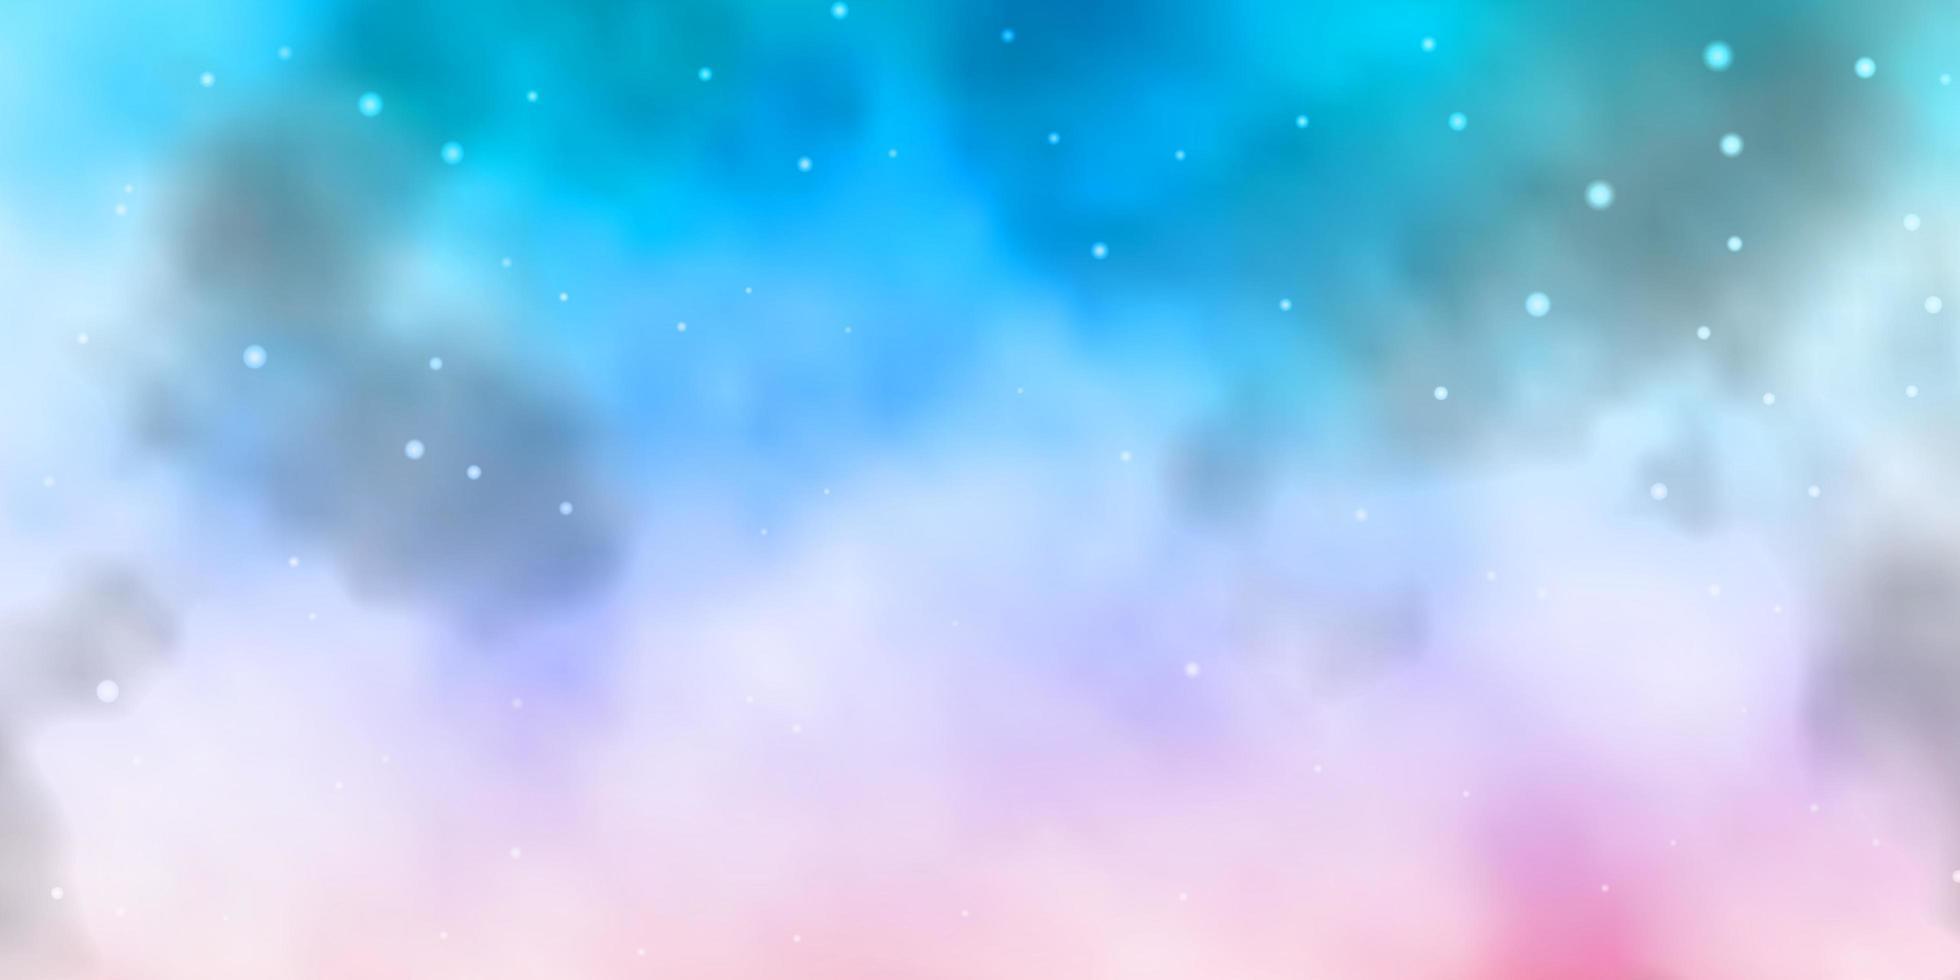 lichtblauwe, roze achtergrond met kleurrijke sterren. vector